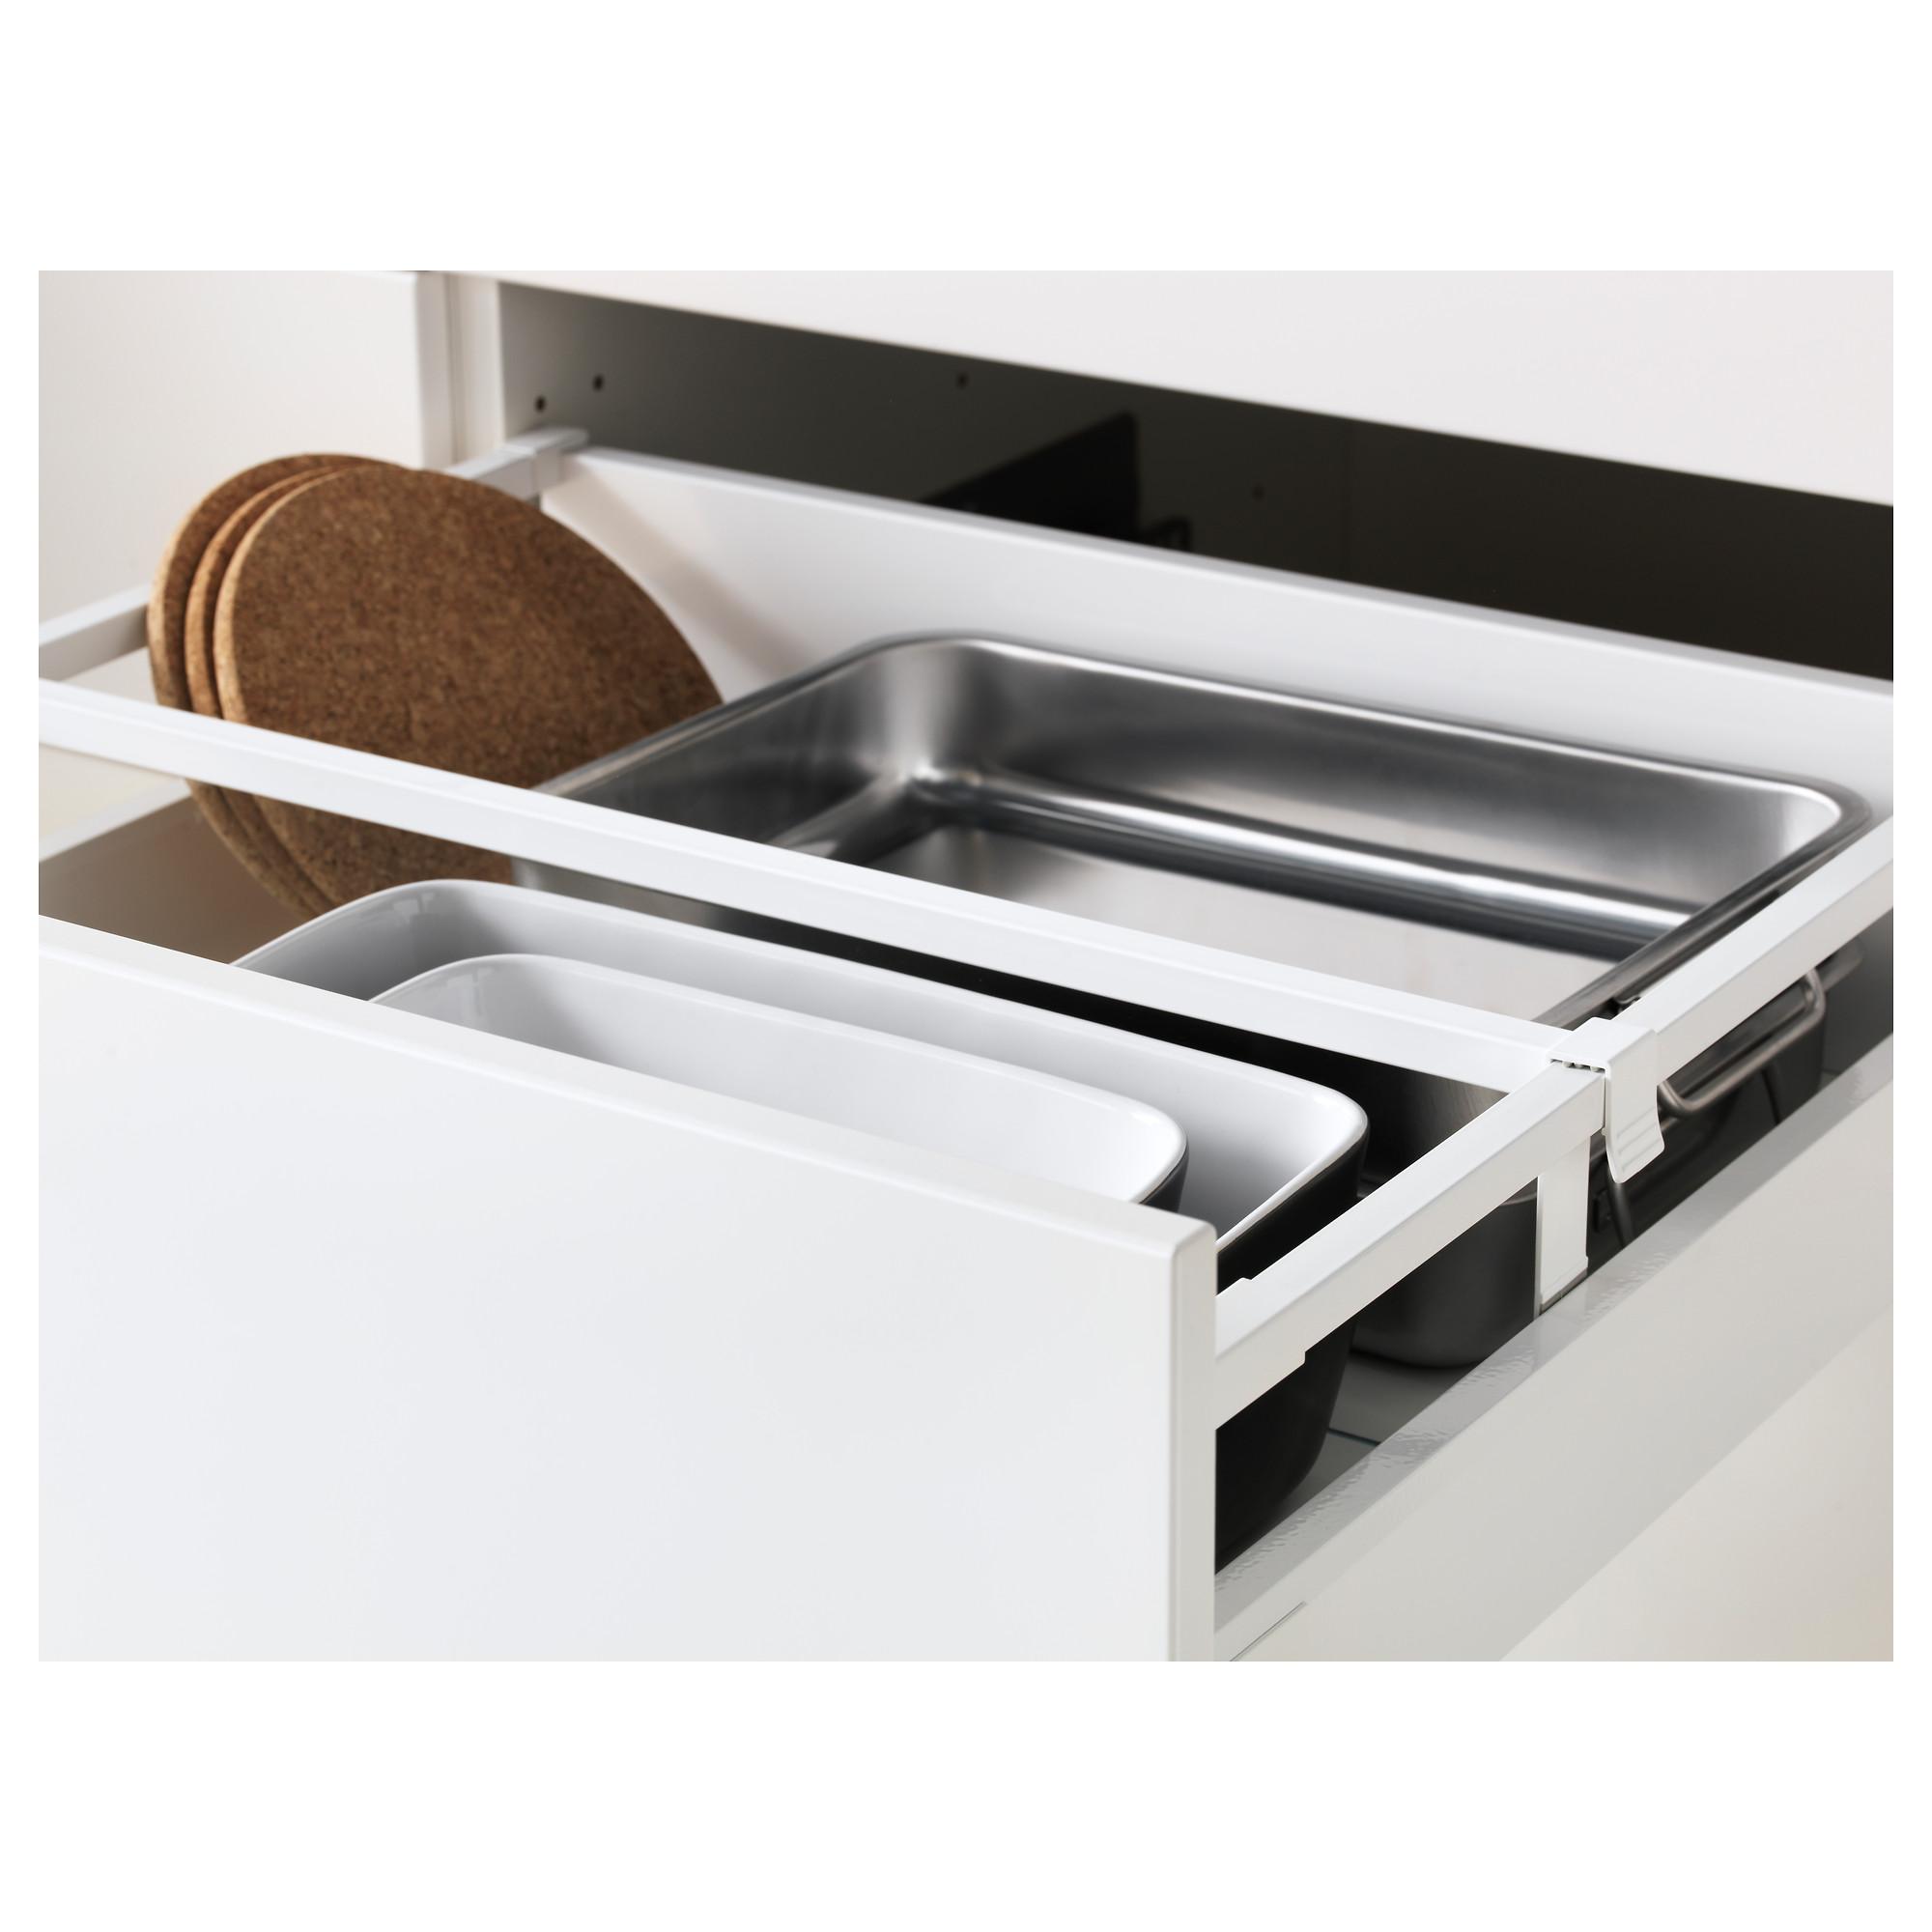 Высокий шкаф для холодильника, с дверцами, 3 ящика МЕТОД / МАКСИМЕРА белый артикуль № 792.374.05 в наличии. Онлайн магазин IKEA РБ. Быстрая доставка и соборка.